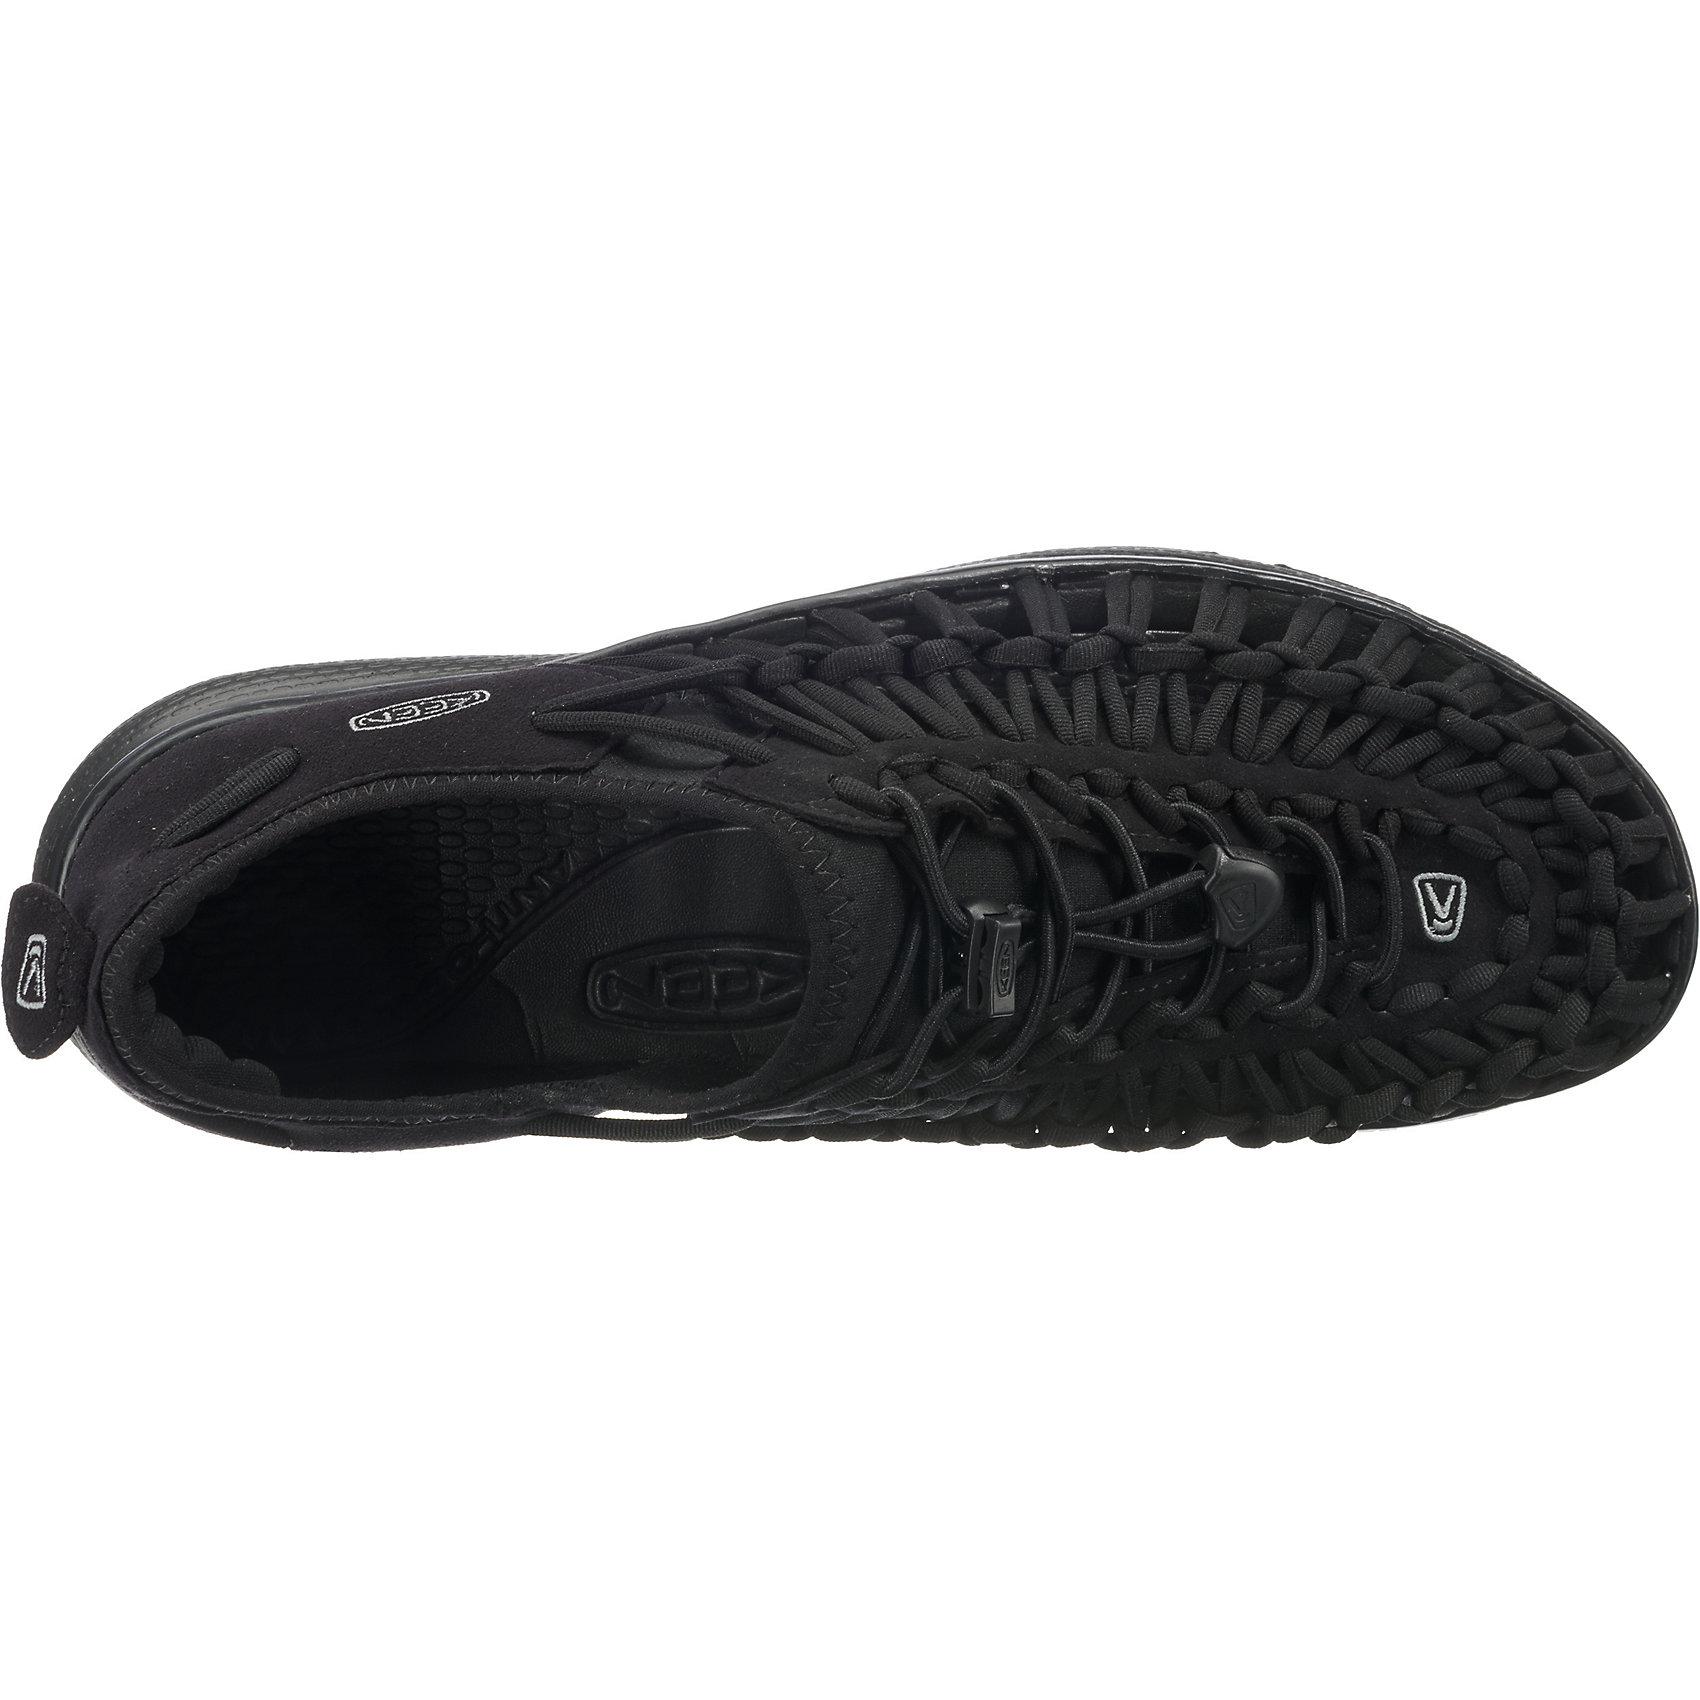 Keen »Uneek O2« Outdoorsandale, schwarz, black